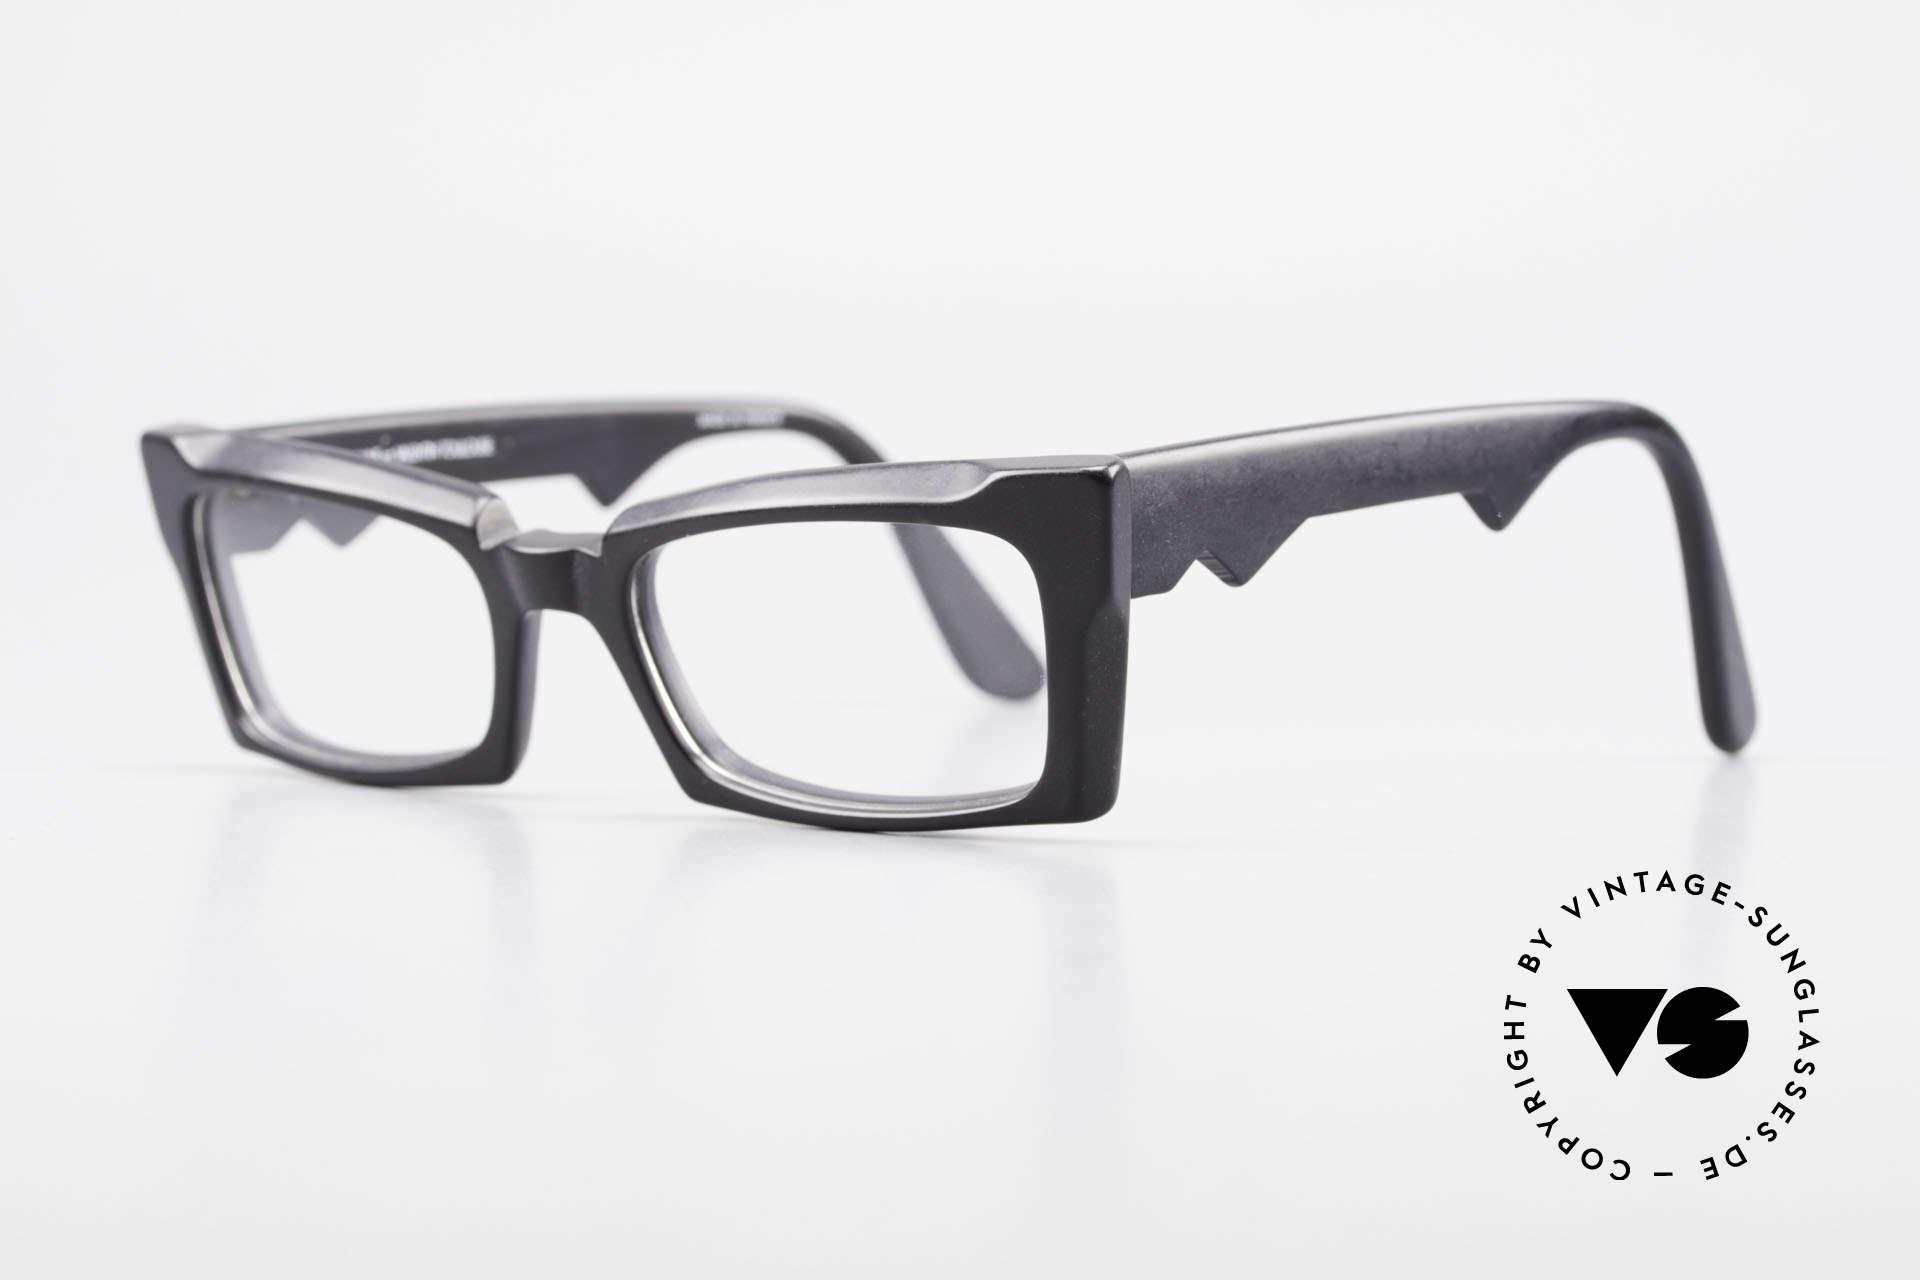 Anne Et Valentin Belphegor Alte 80er Brille Echt Vintage, kreieren und leben seit 1980 für ihre eigene Kollektion, Passend für Damen